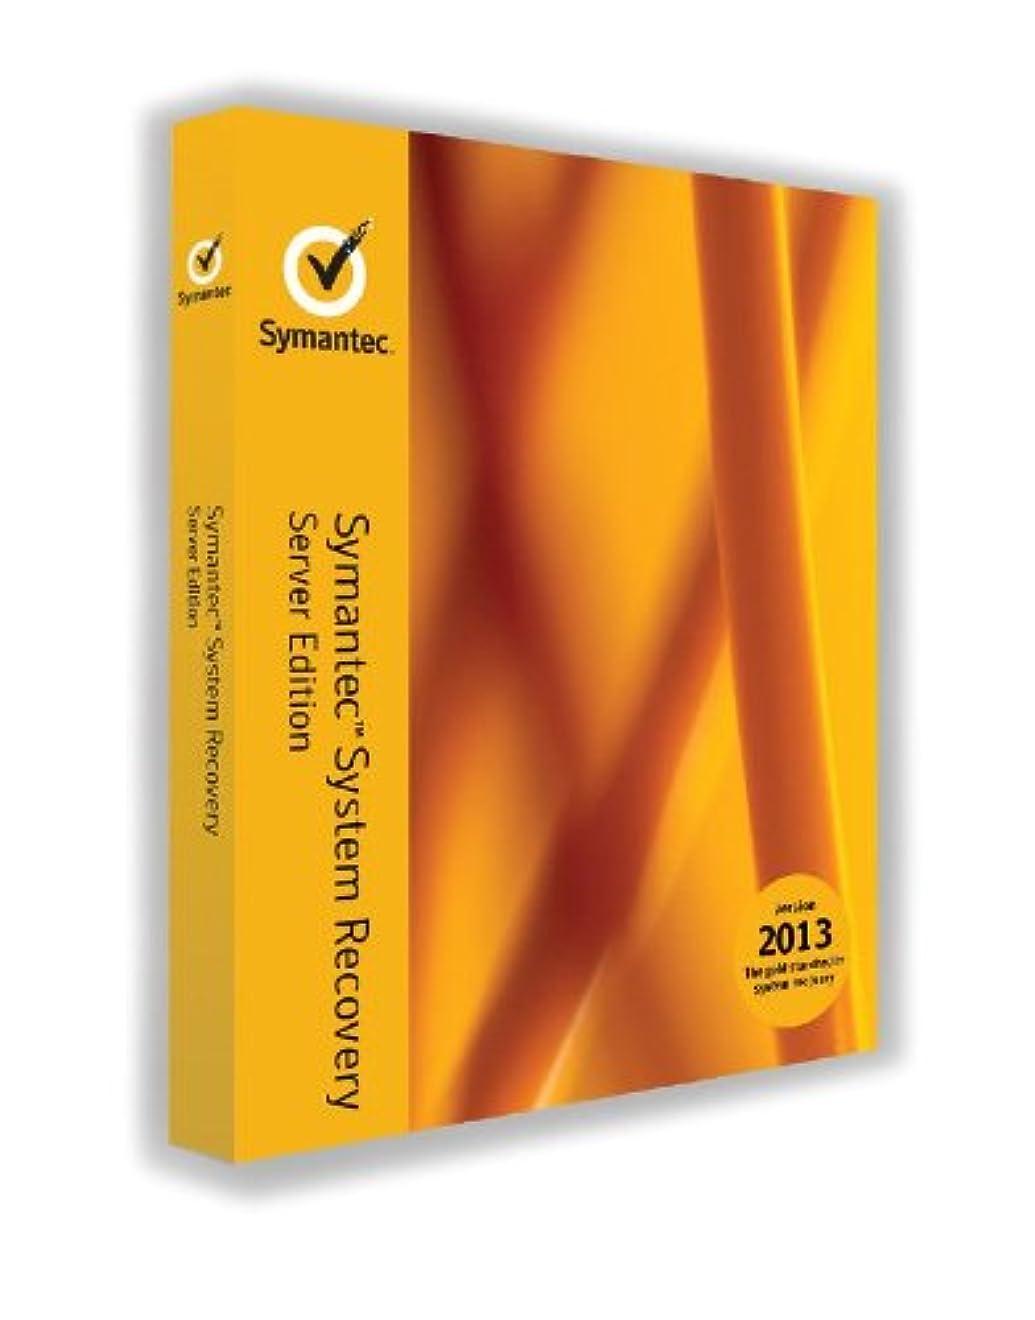 起きろモンク重々しい【旧商品】SYMC SYSTEM RECOVERY SERVER 2013 WIN ML P/SVR BUS PACK ESSENTIALメンテナンス 1